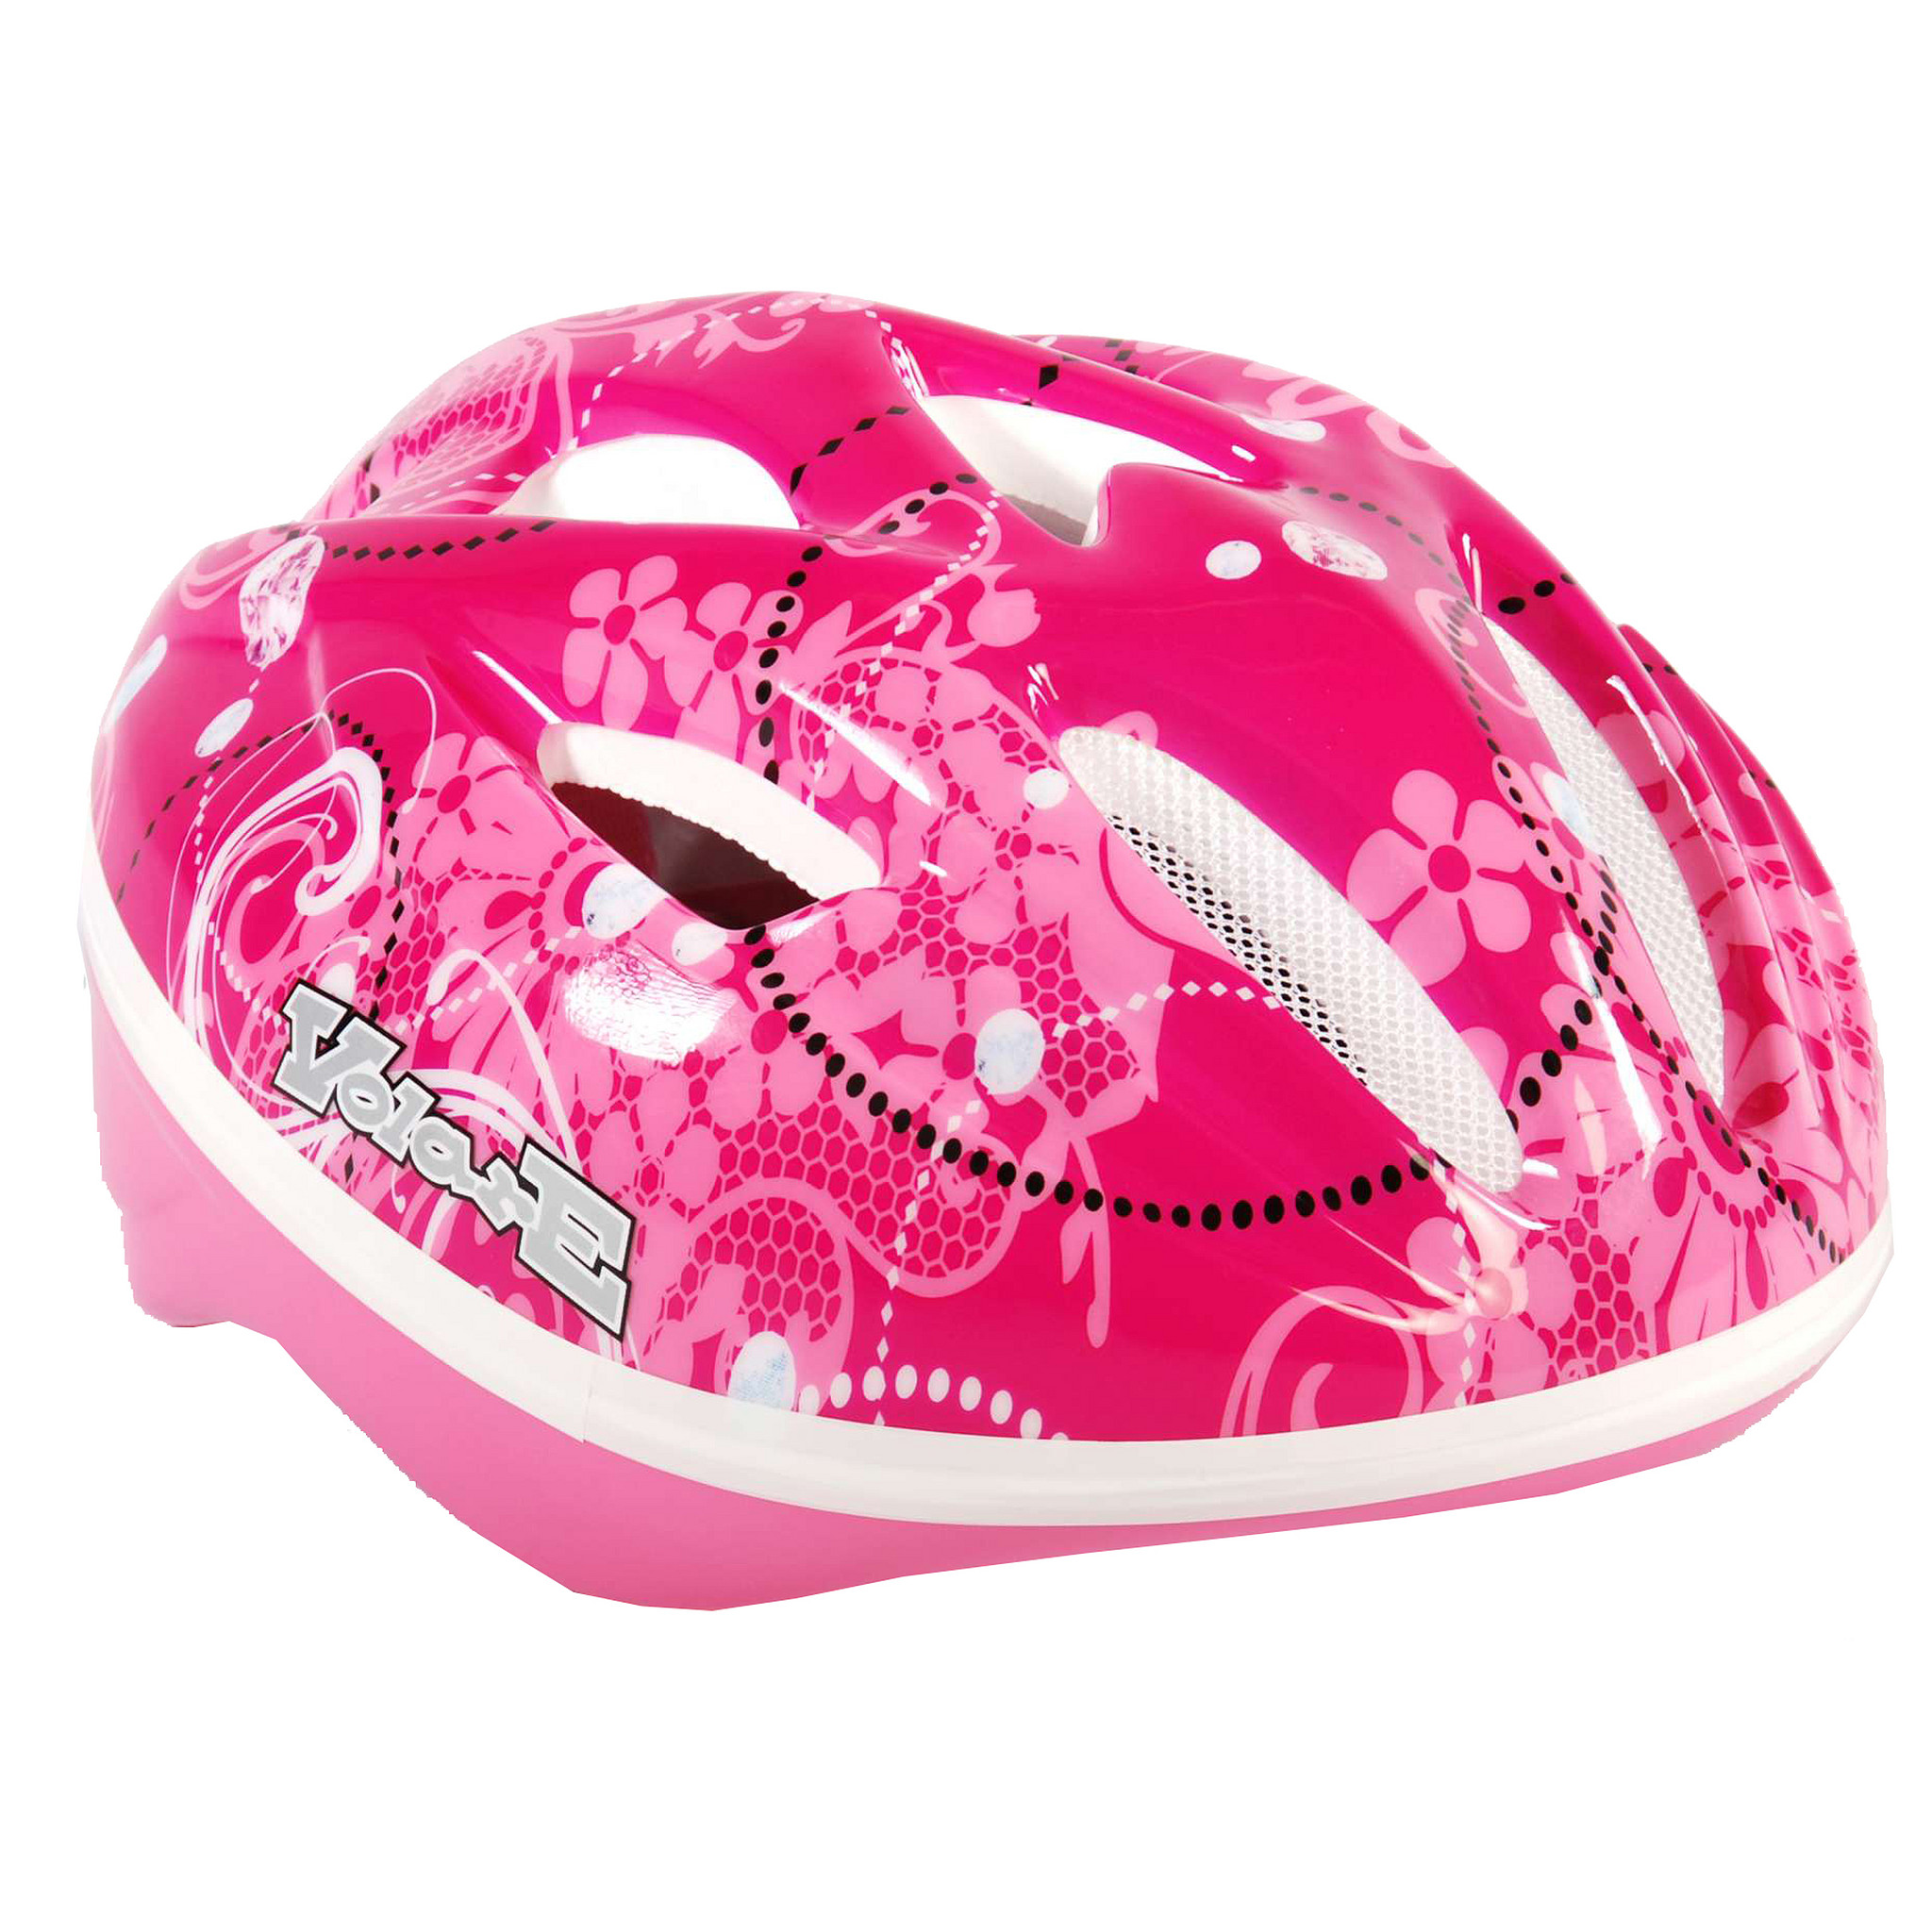 Afbeelding van Volare Fietshelm kind Roze Bloemen 51 55